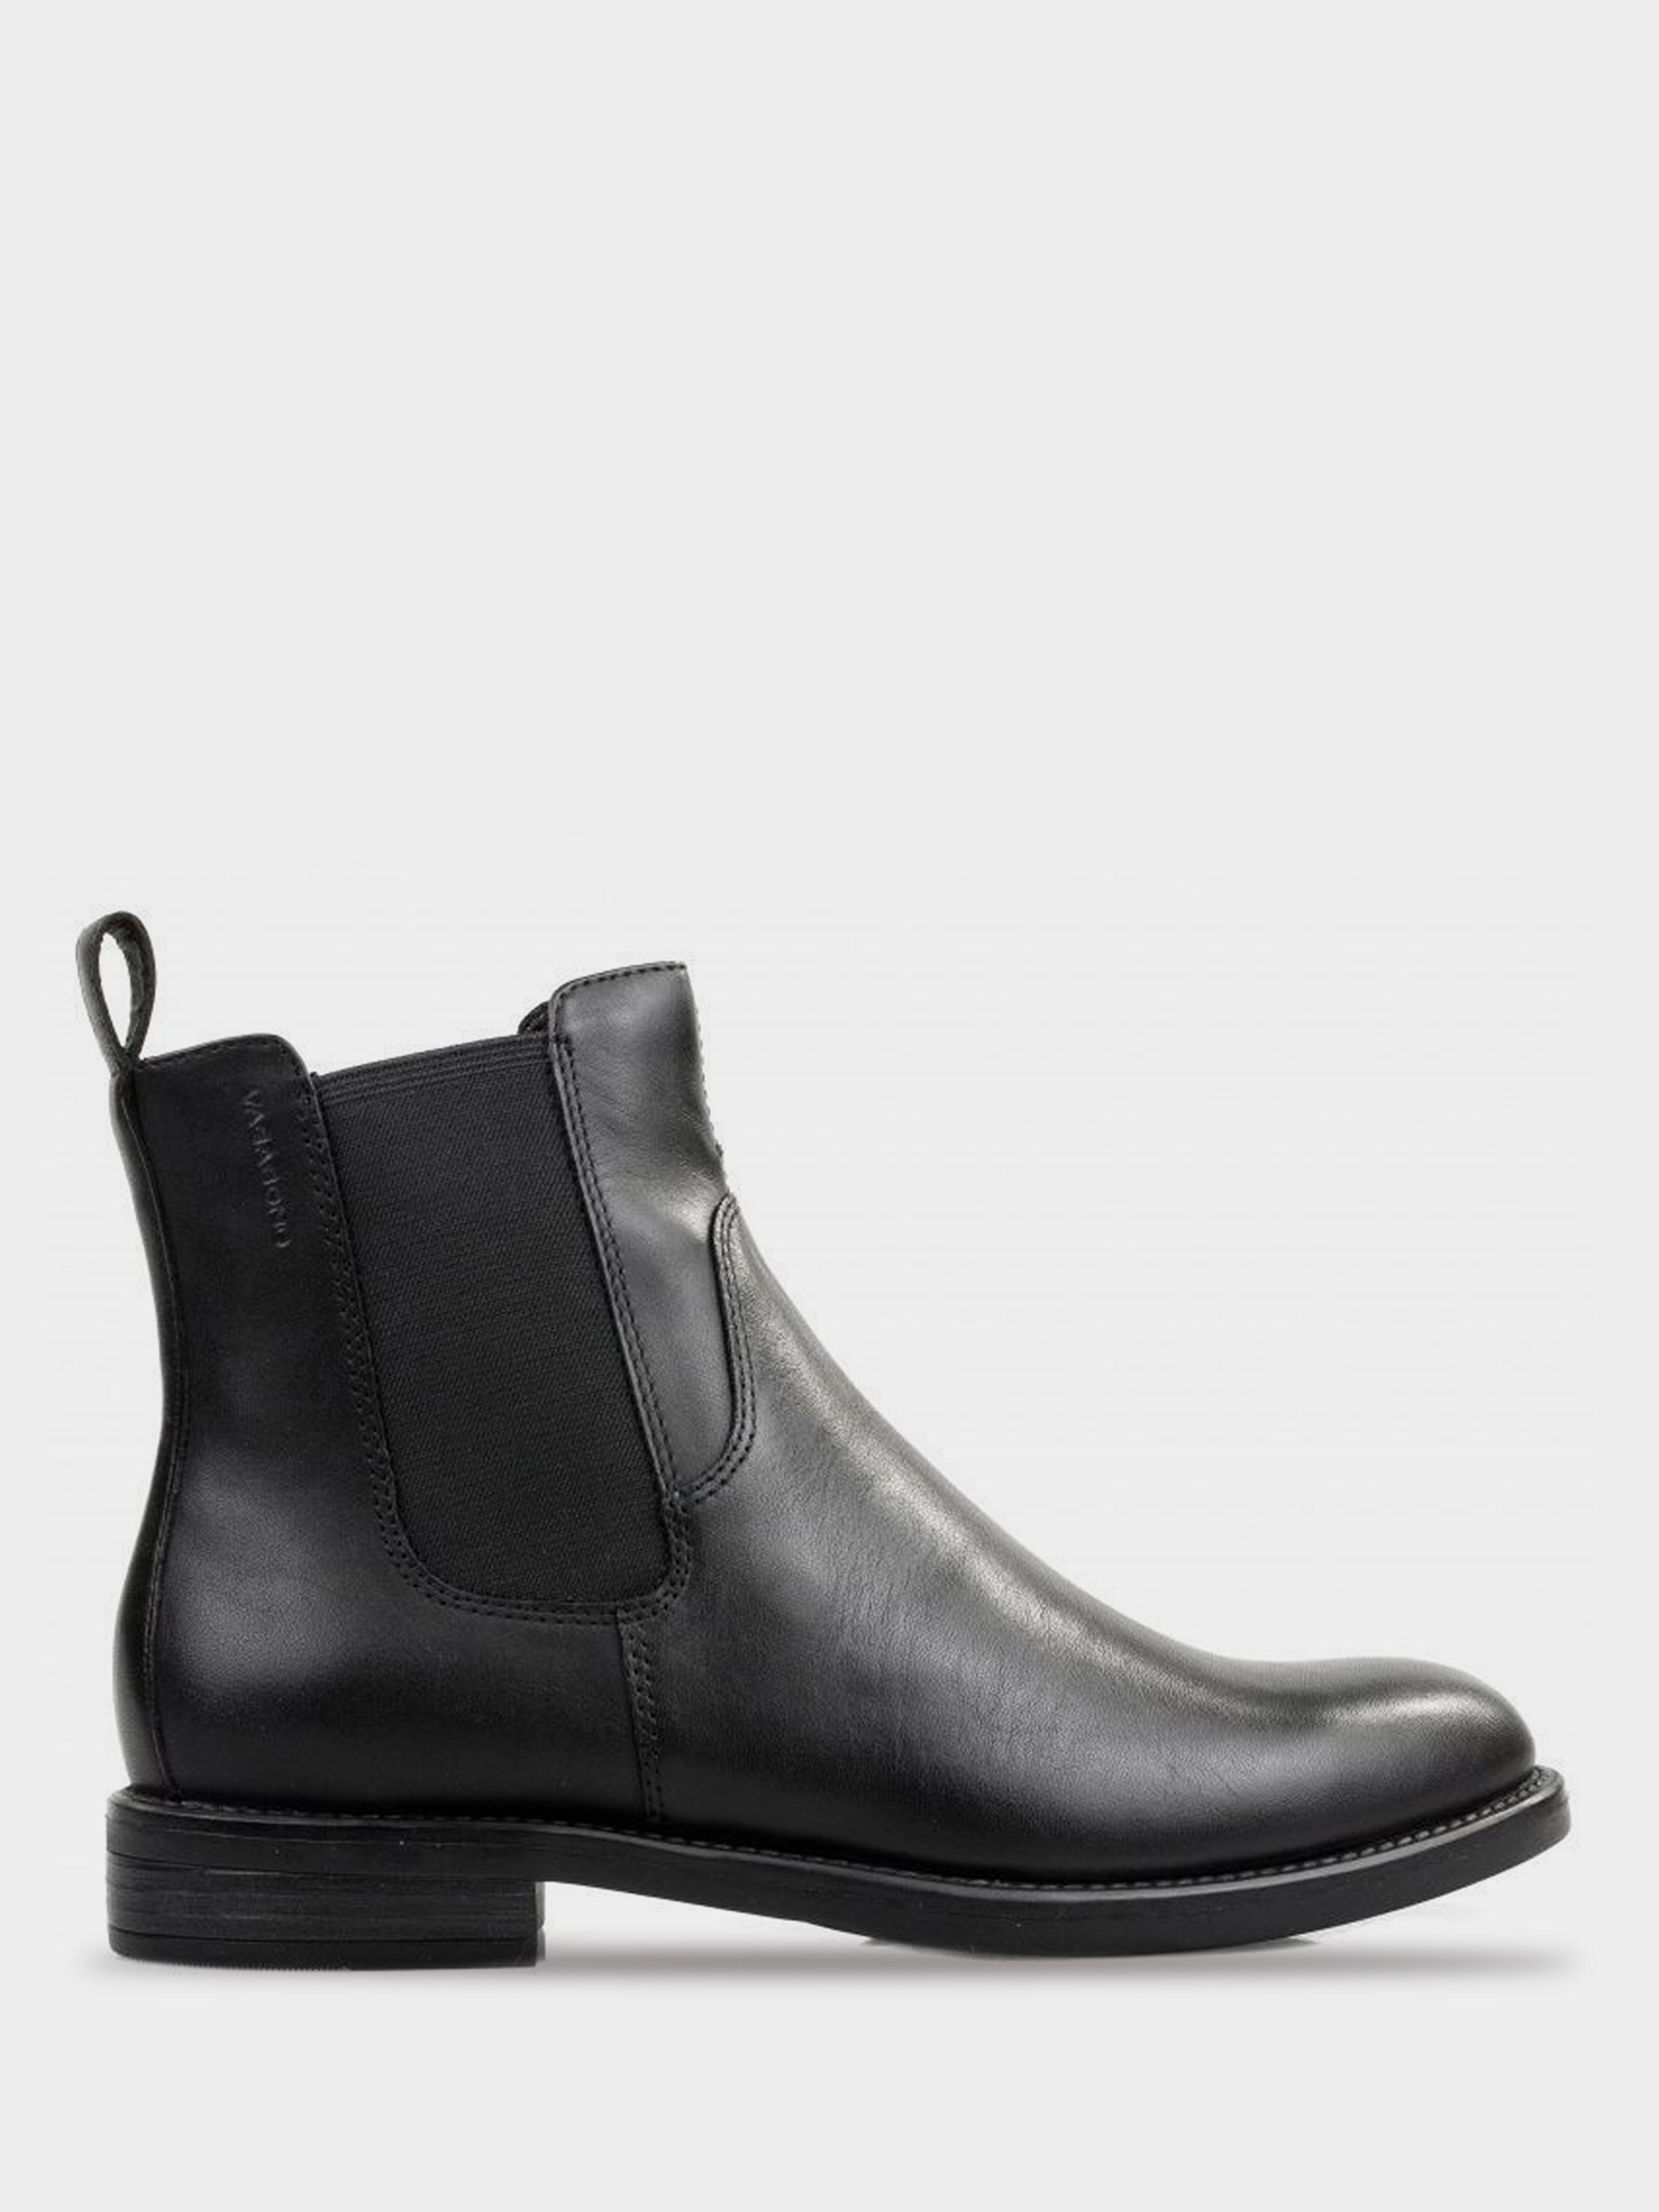 Ботинки для женщин VAGABOND AMINA 4203-801-20 Заказать, 2017